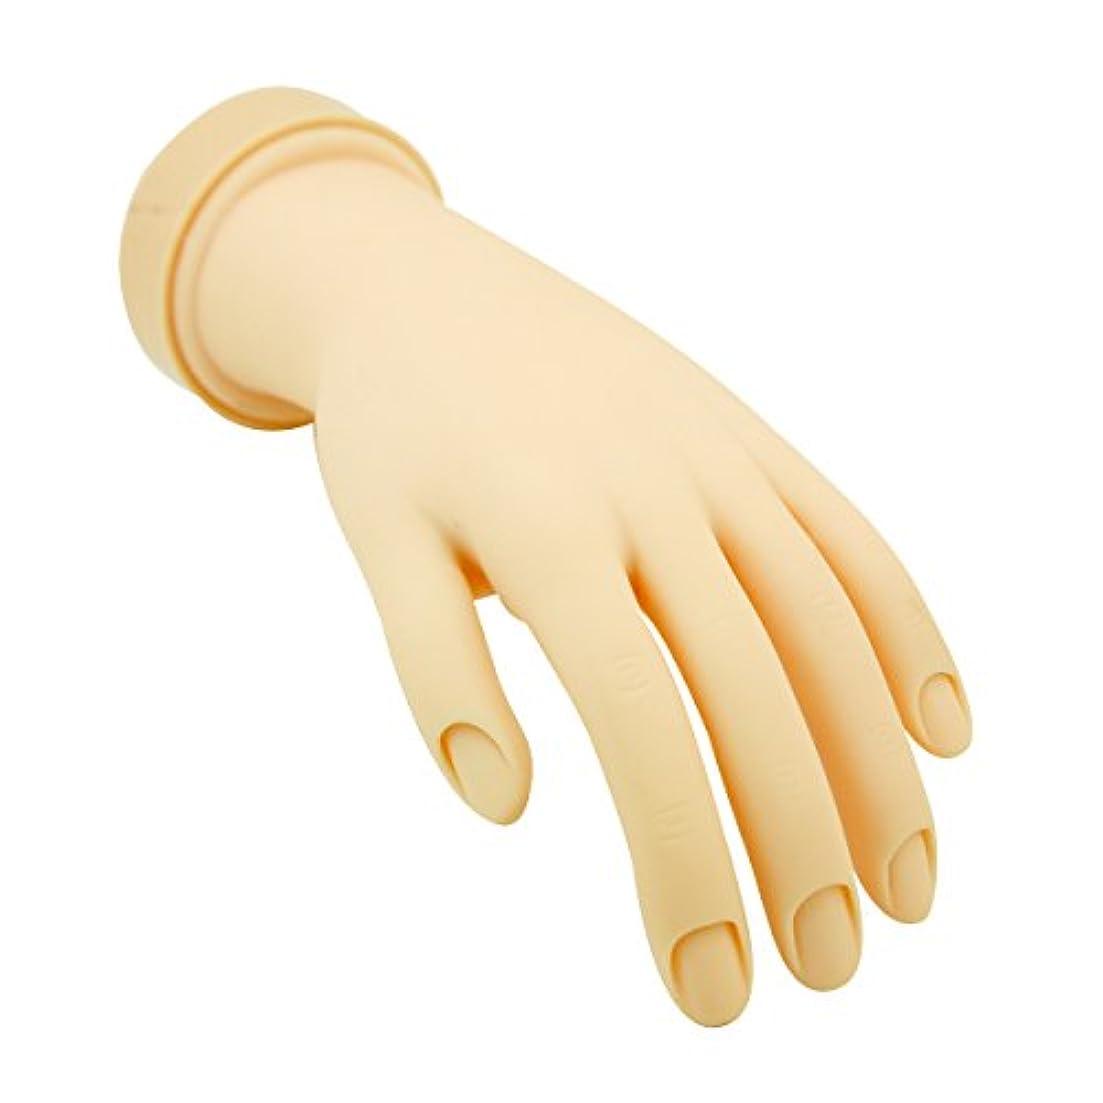 特に運動食用トレーニングハンド (ネイル用) 左手 [ 練習用マネキン 手 指 ハンドマネキン マネキン 施術用 トレーニング ]